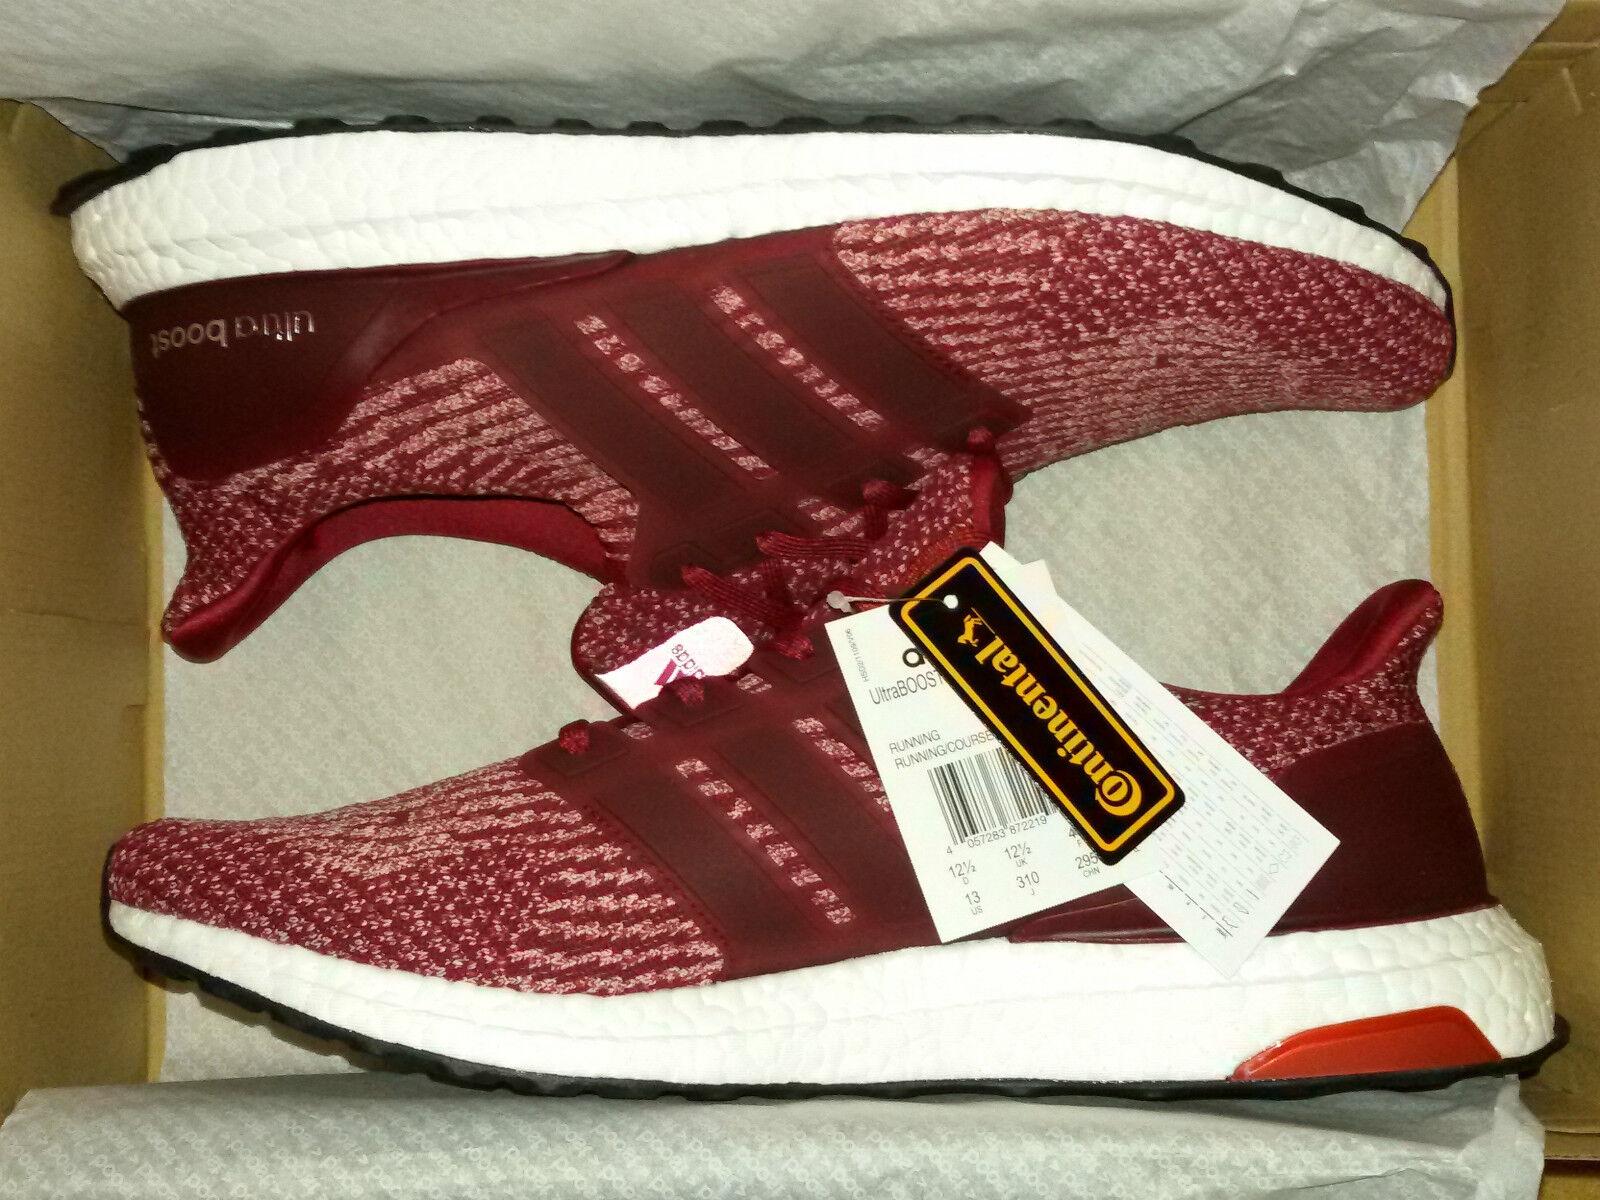 Adidas Ultra Ultra Ultra Boost 3.0 Borgogna 12.5 UK MISTERO Rosso scarpe da ginnastica Uomo BA8845 in esecuzione 21eeae